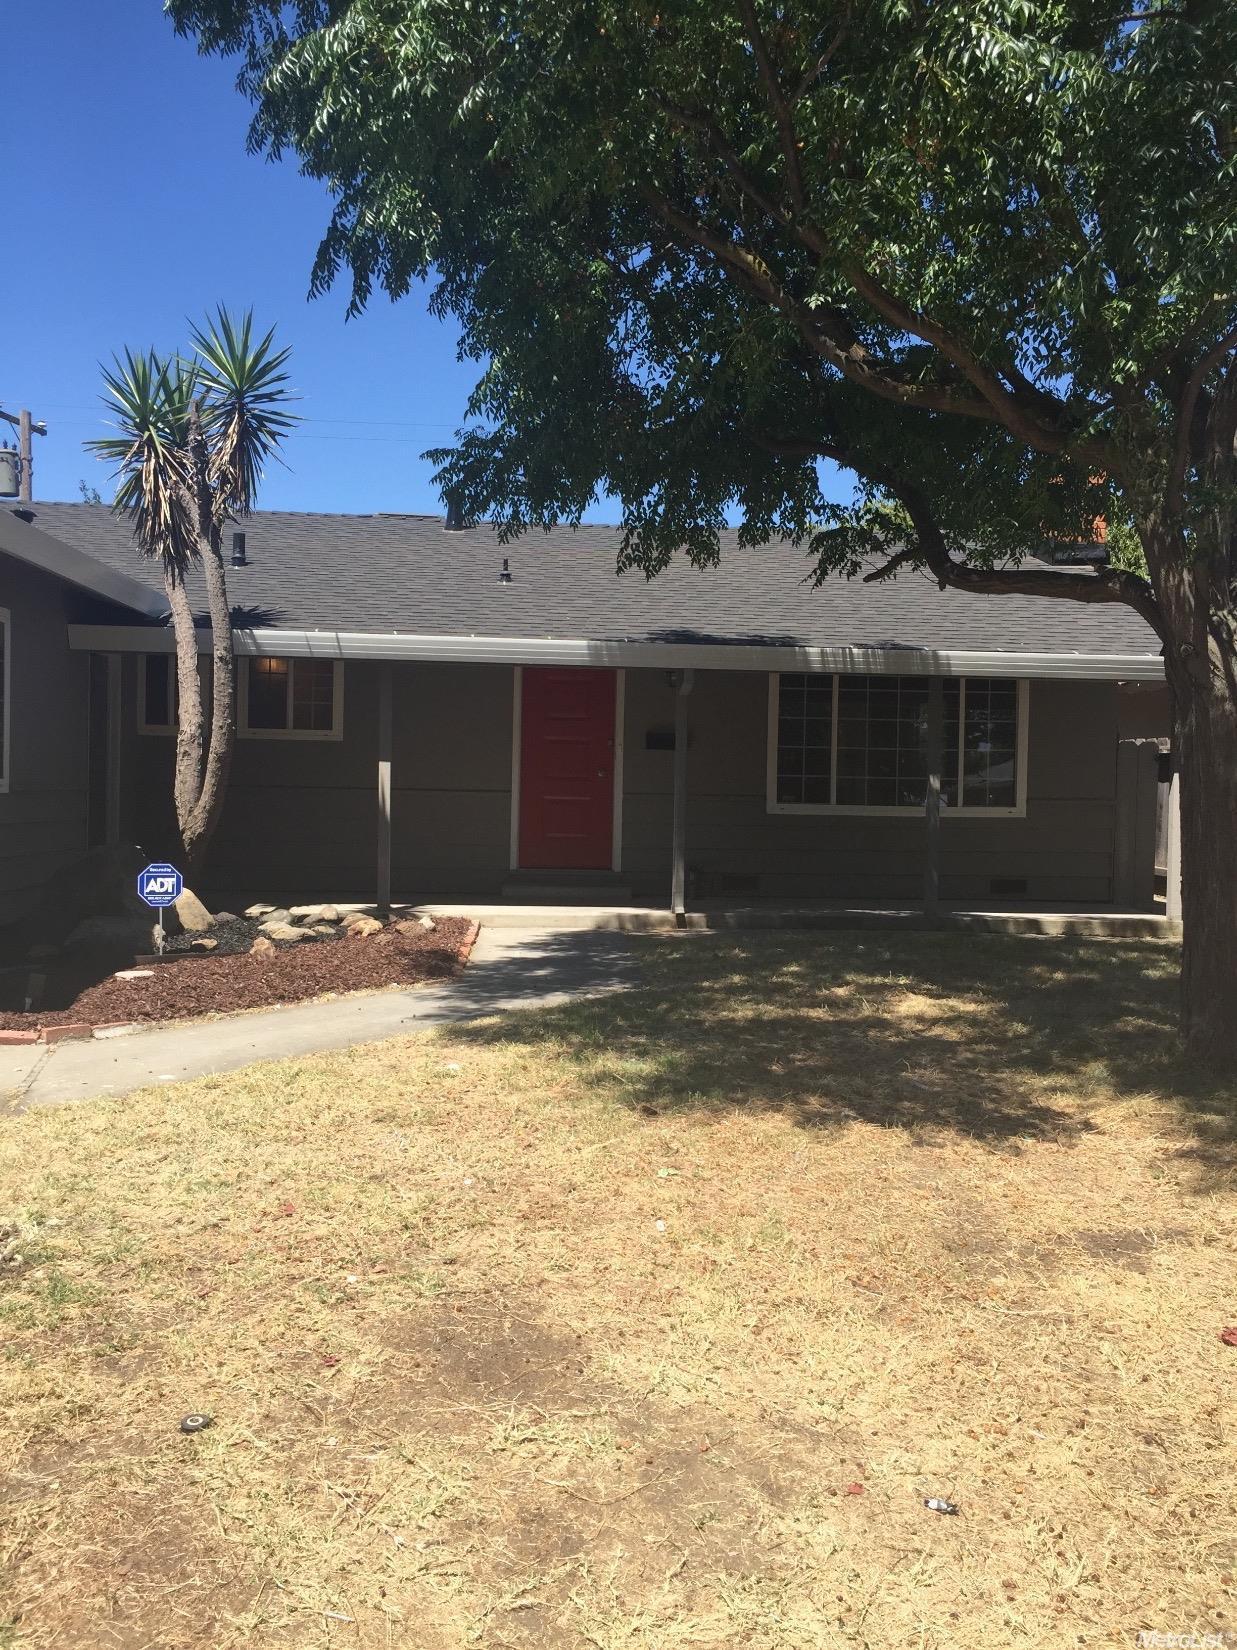 7347 Bodega Ln, Stockton, CA 95207